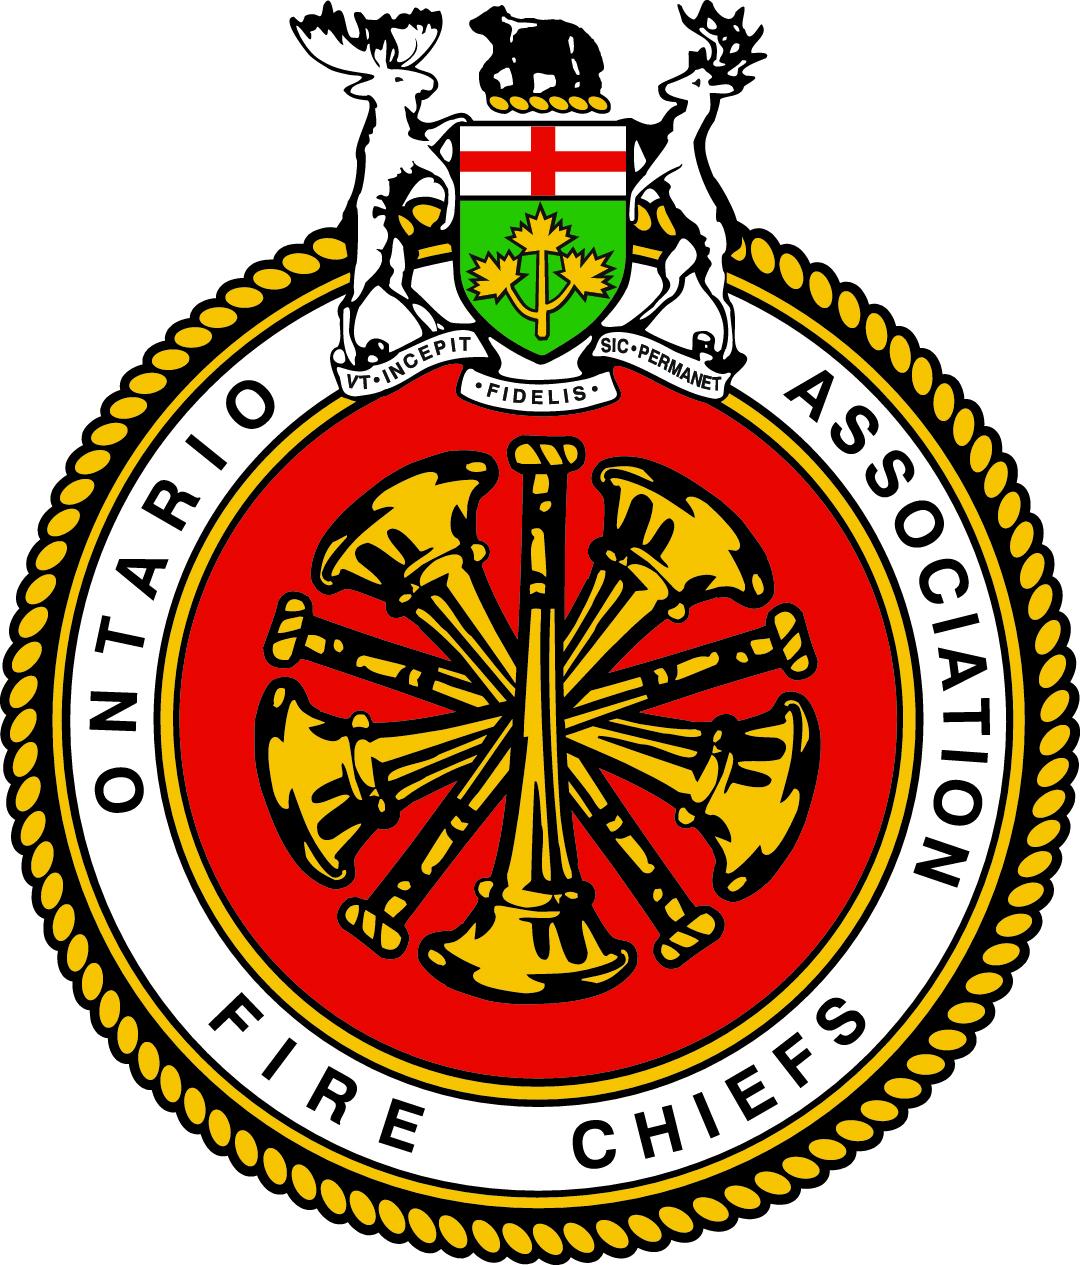 Ontario Association of Fire Chiefs Trade Show